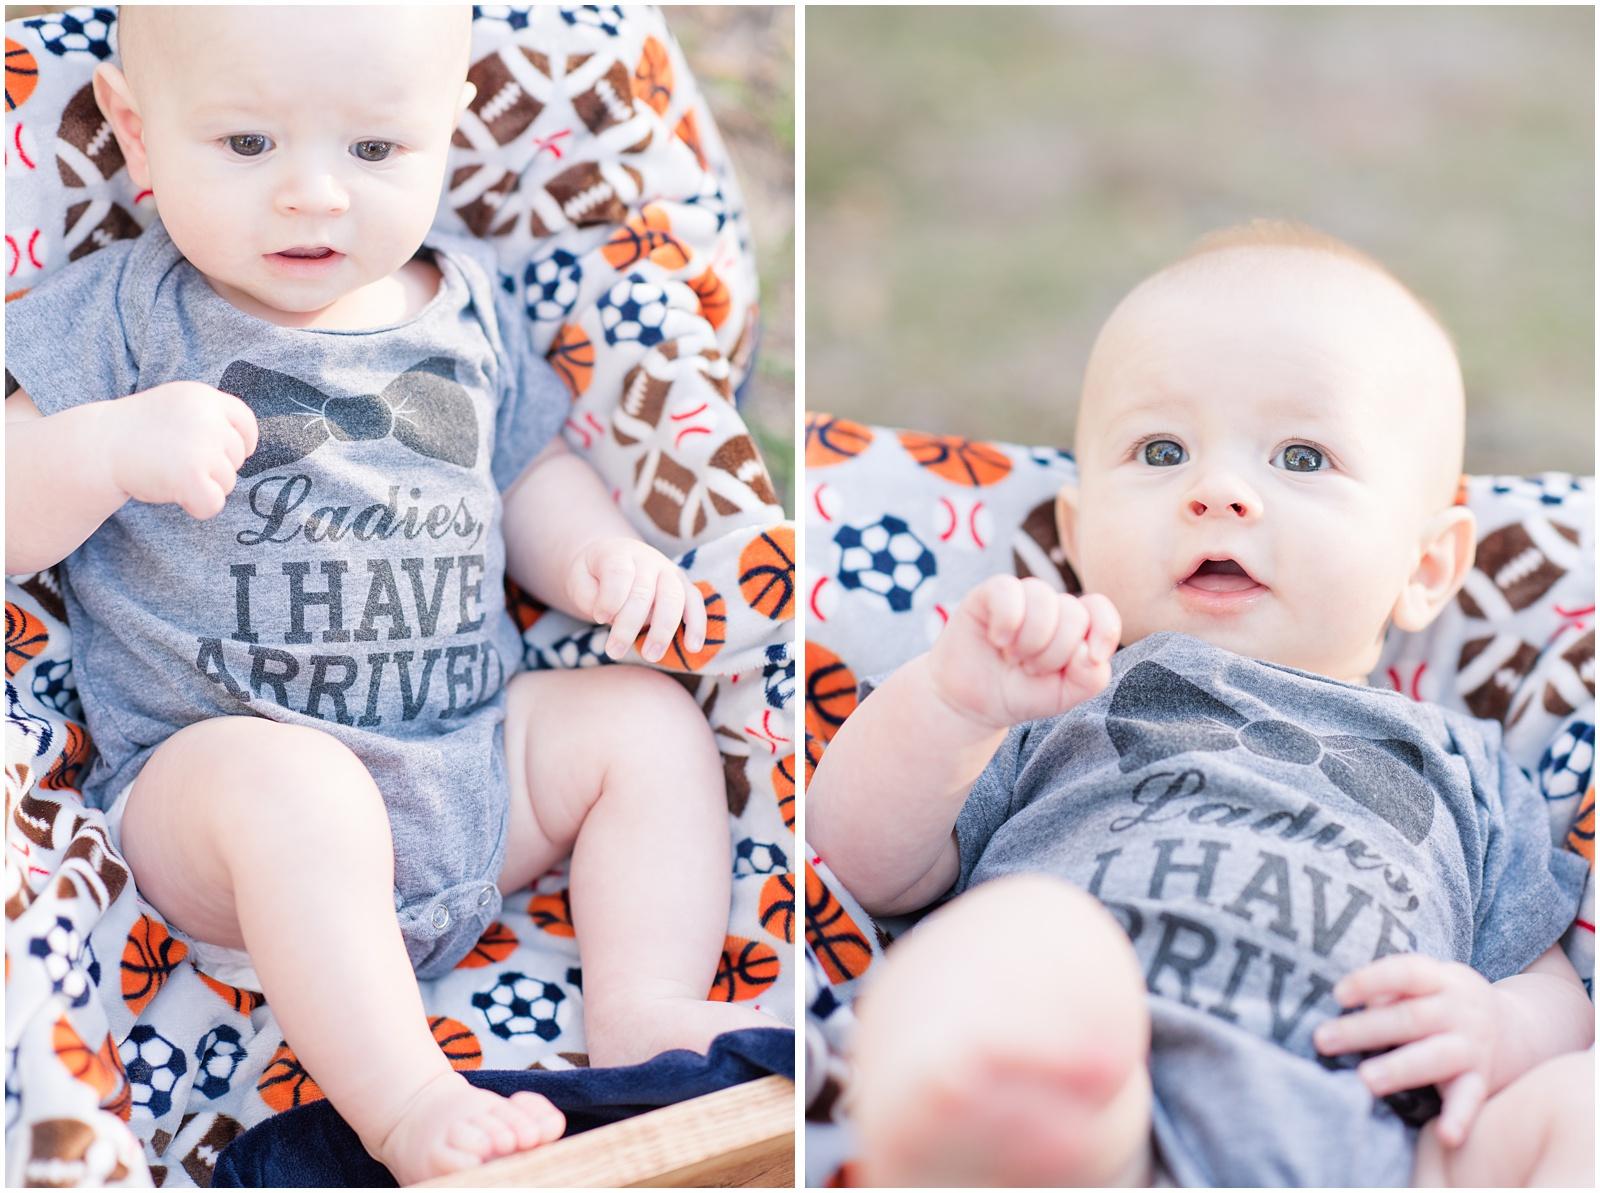 Newborn_Portraits_3 Months_Baby_Alpine Groves Park_11.jpg